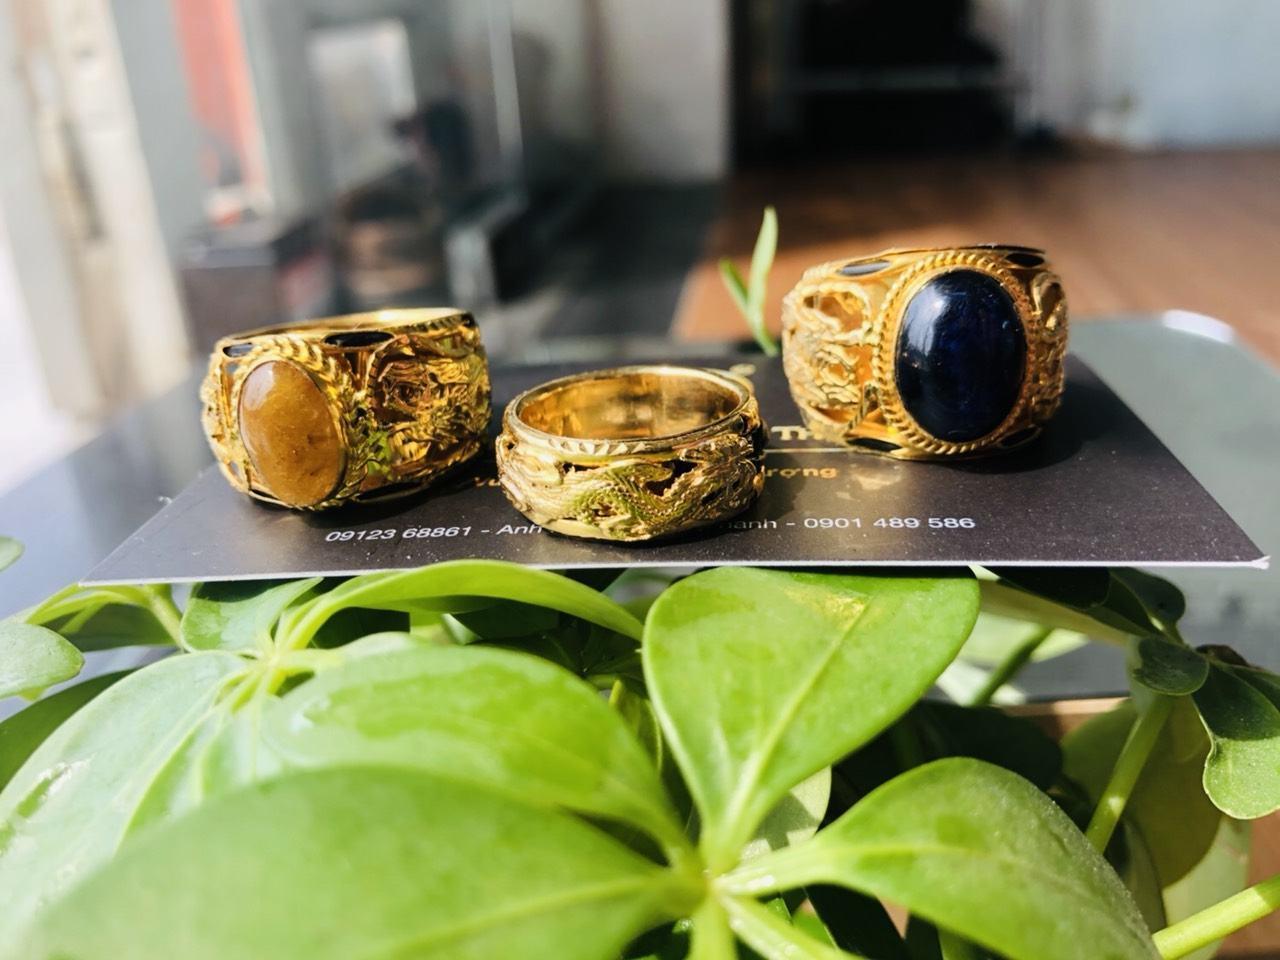 Nhẫn lông voi vàng giá rẻ 2 rồng giá rẻ